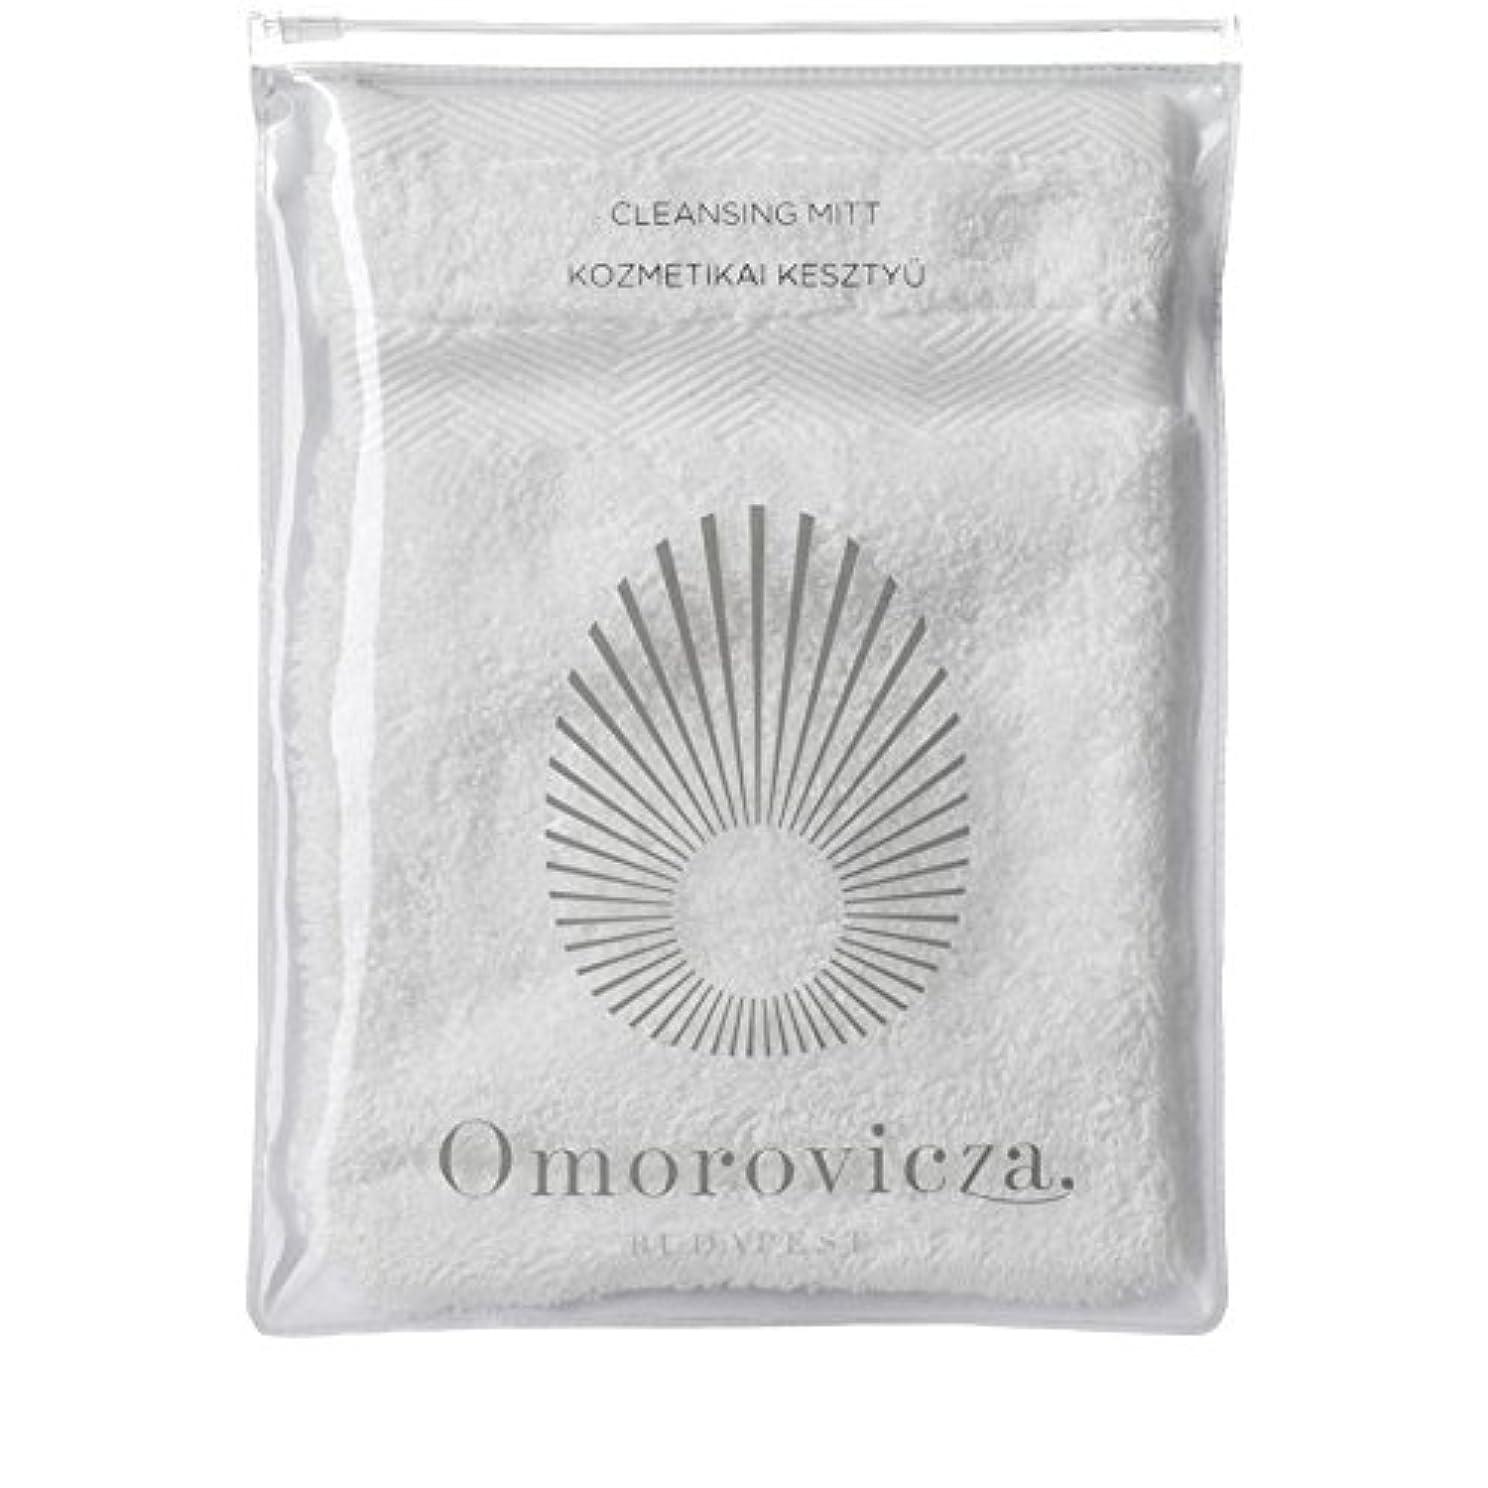 頑固な水差しジュニアOmorovicza Cleansing Facial Mitt, Omorovicza - クレンジング顔のミット、 [並行輸入品]